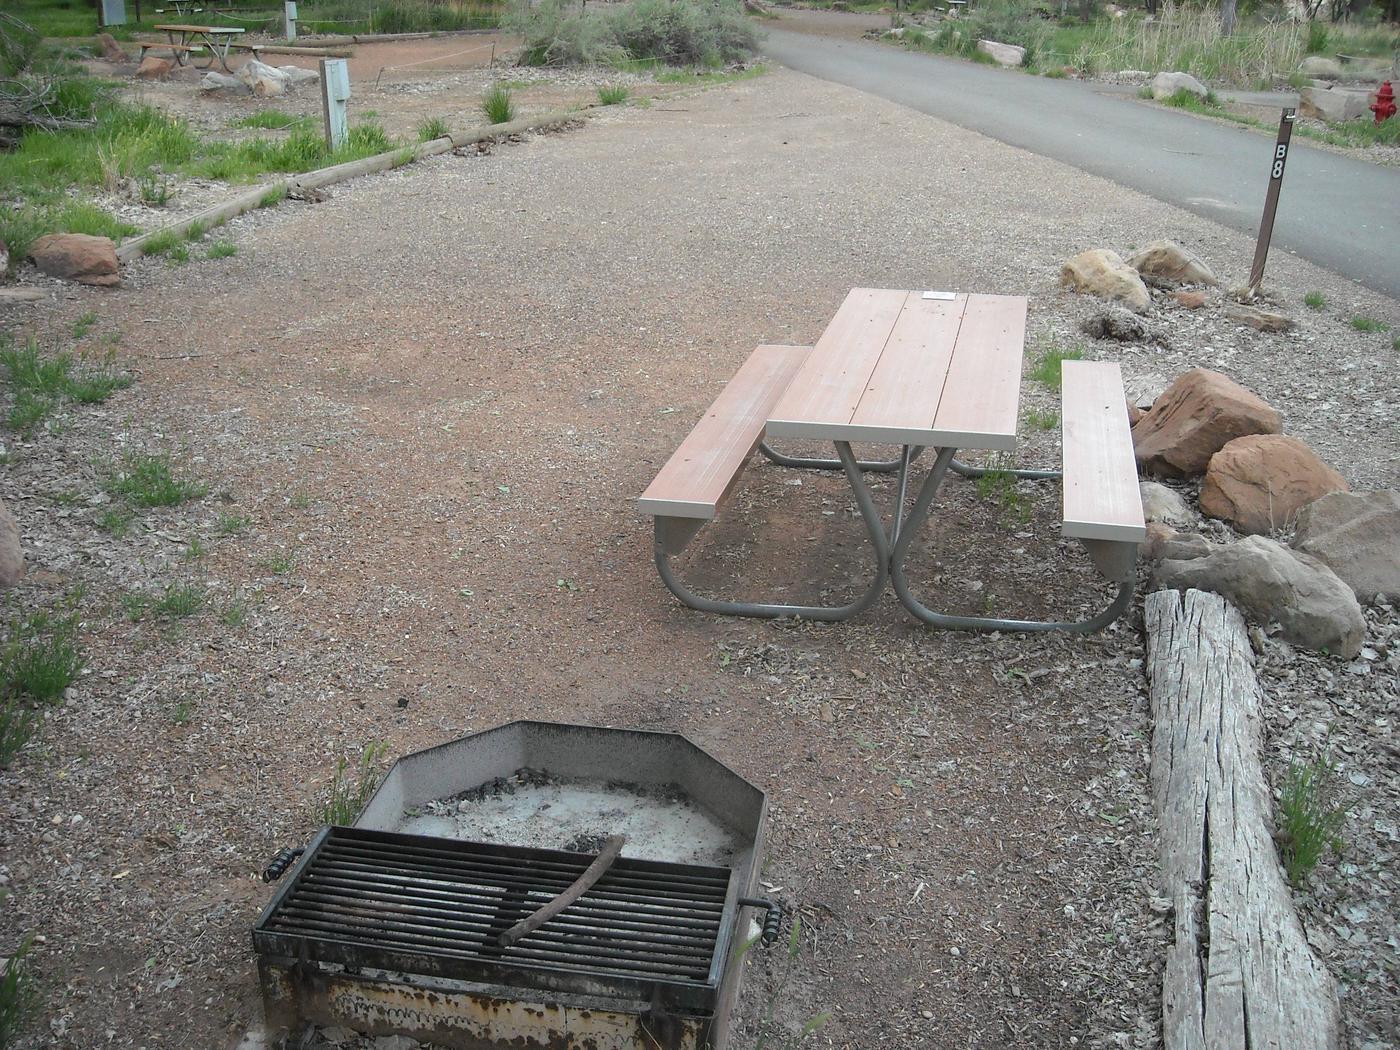 Campsite area 3B8